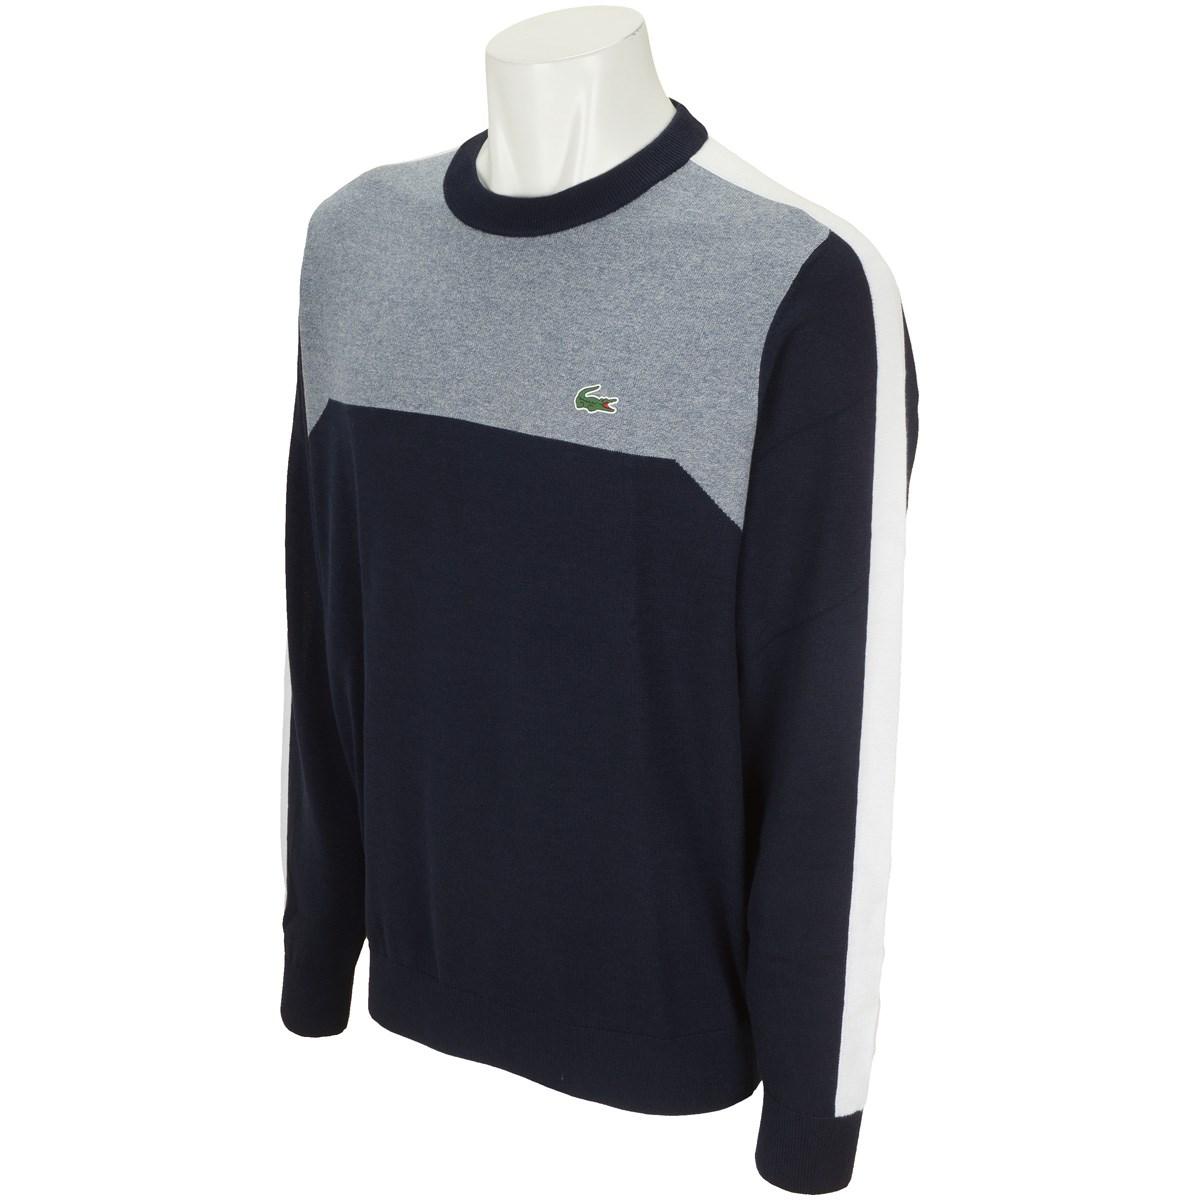 ラコステ ゴルフセーター